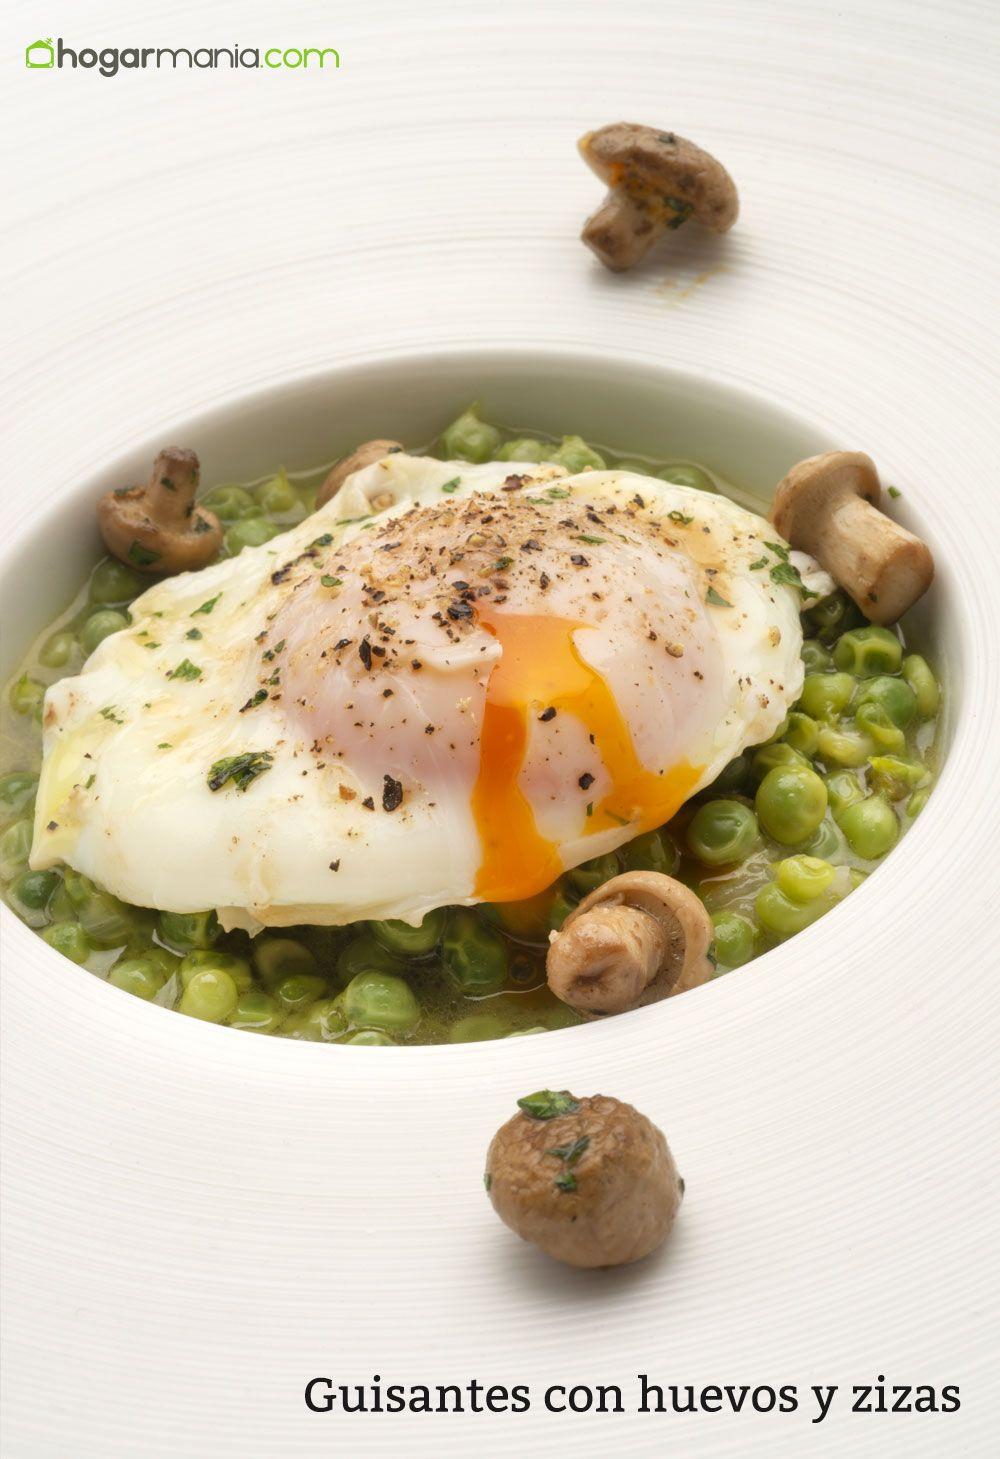 Guisantes con huevos y zizas